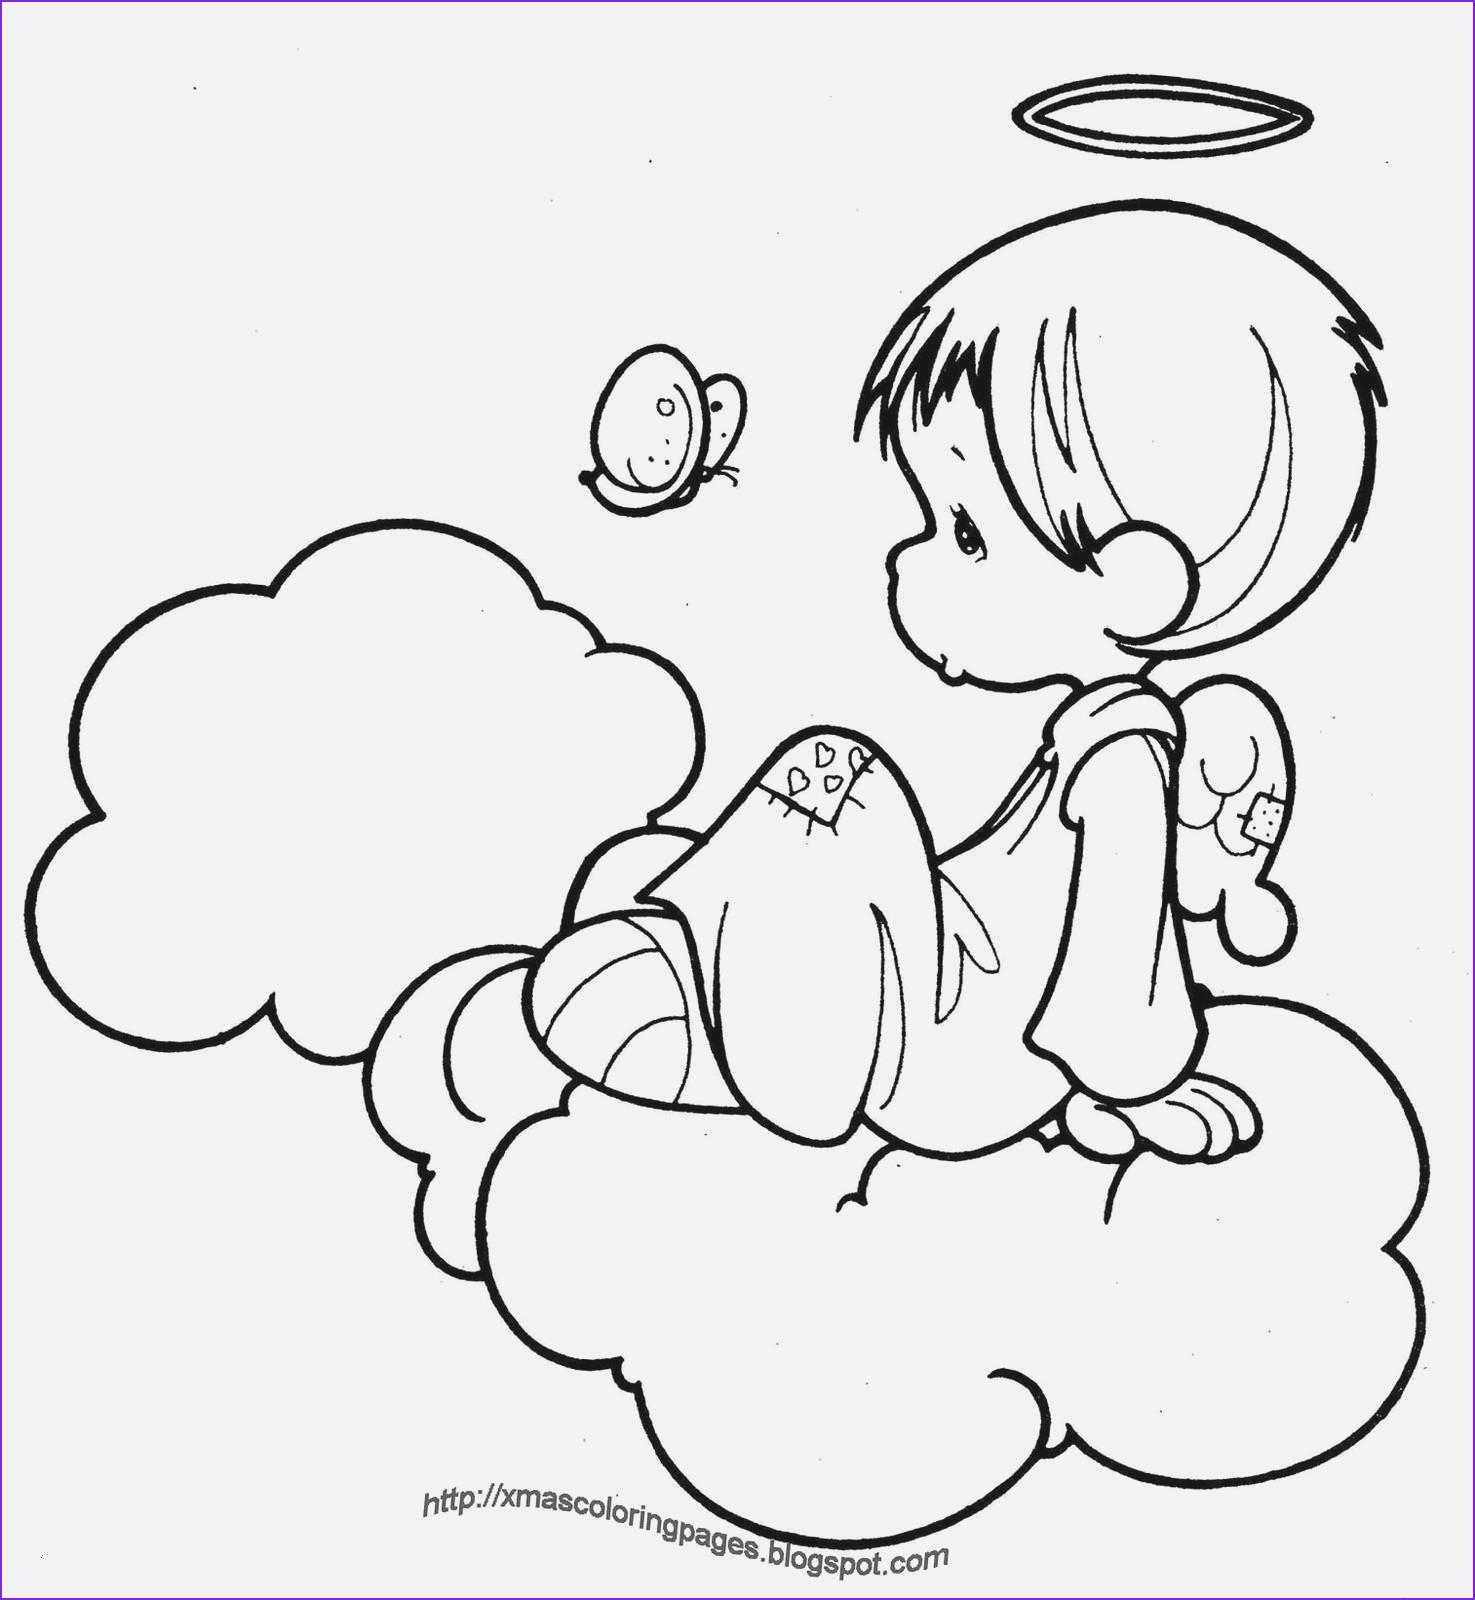 Minni Maus Malvorlage Neu Ausmalbilder Von Violetta Uploadertalk Neu Minnie Maus Baby Sammlung